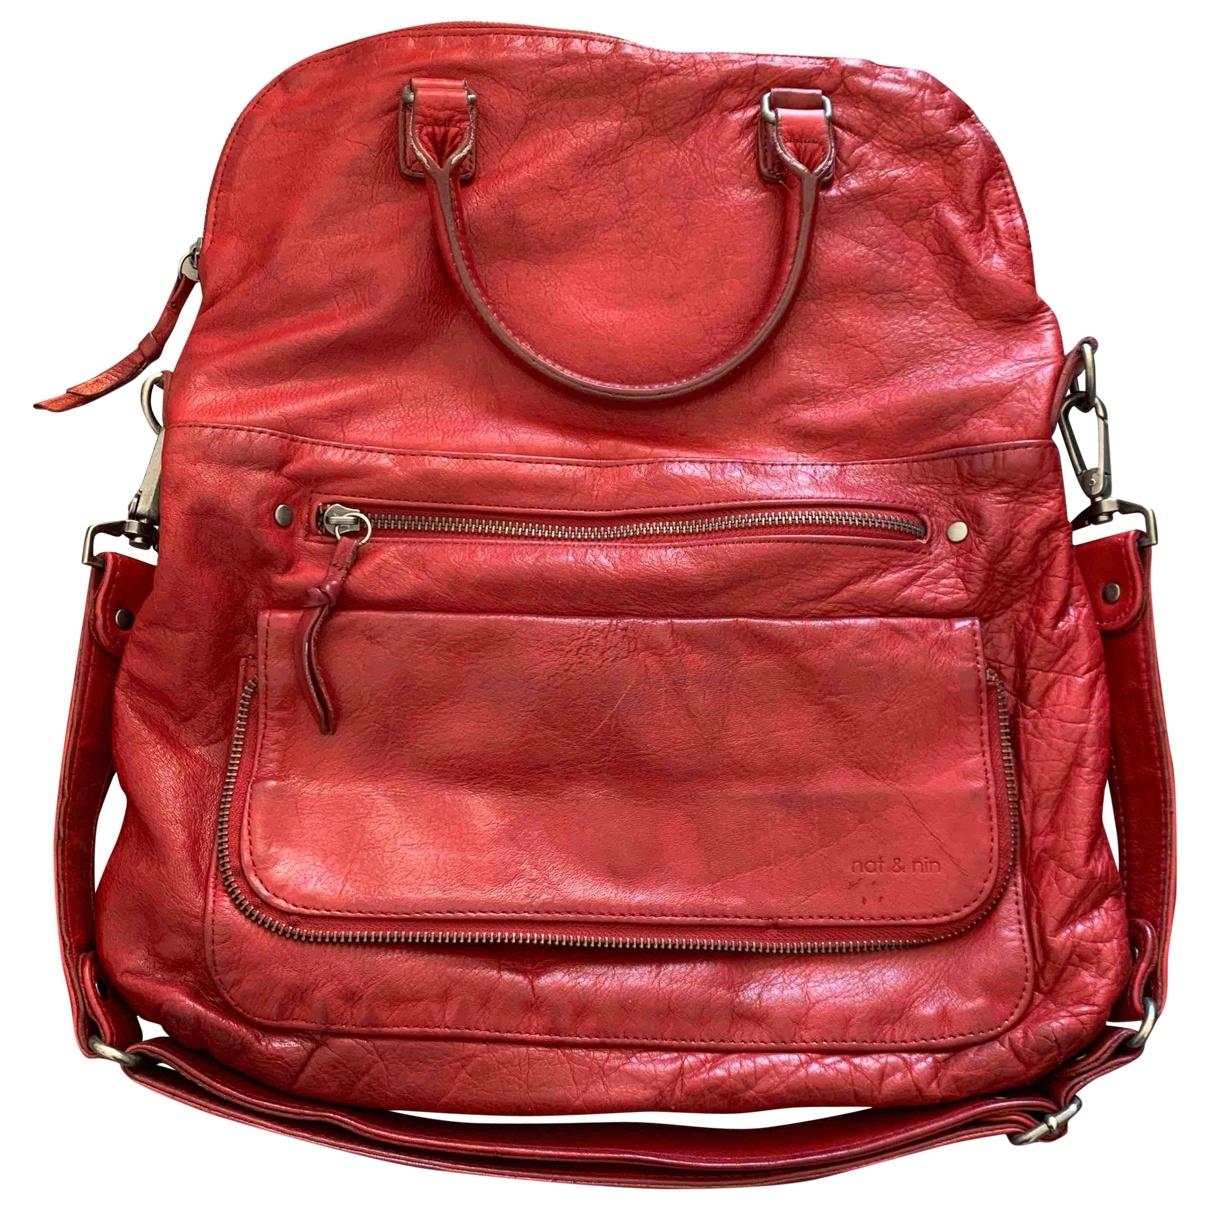 Nat & Nin \N Red Leather handbag for Women \N